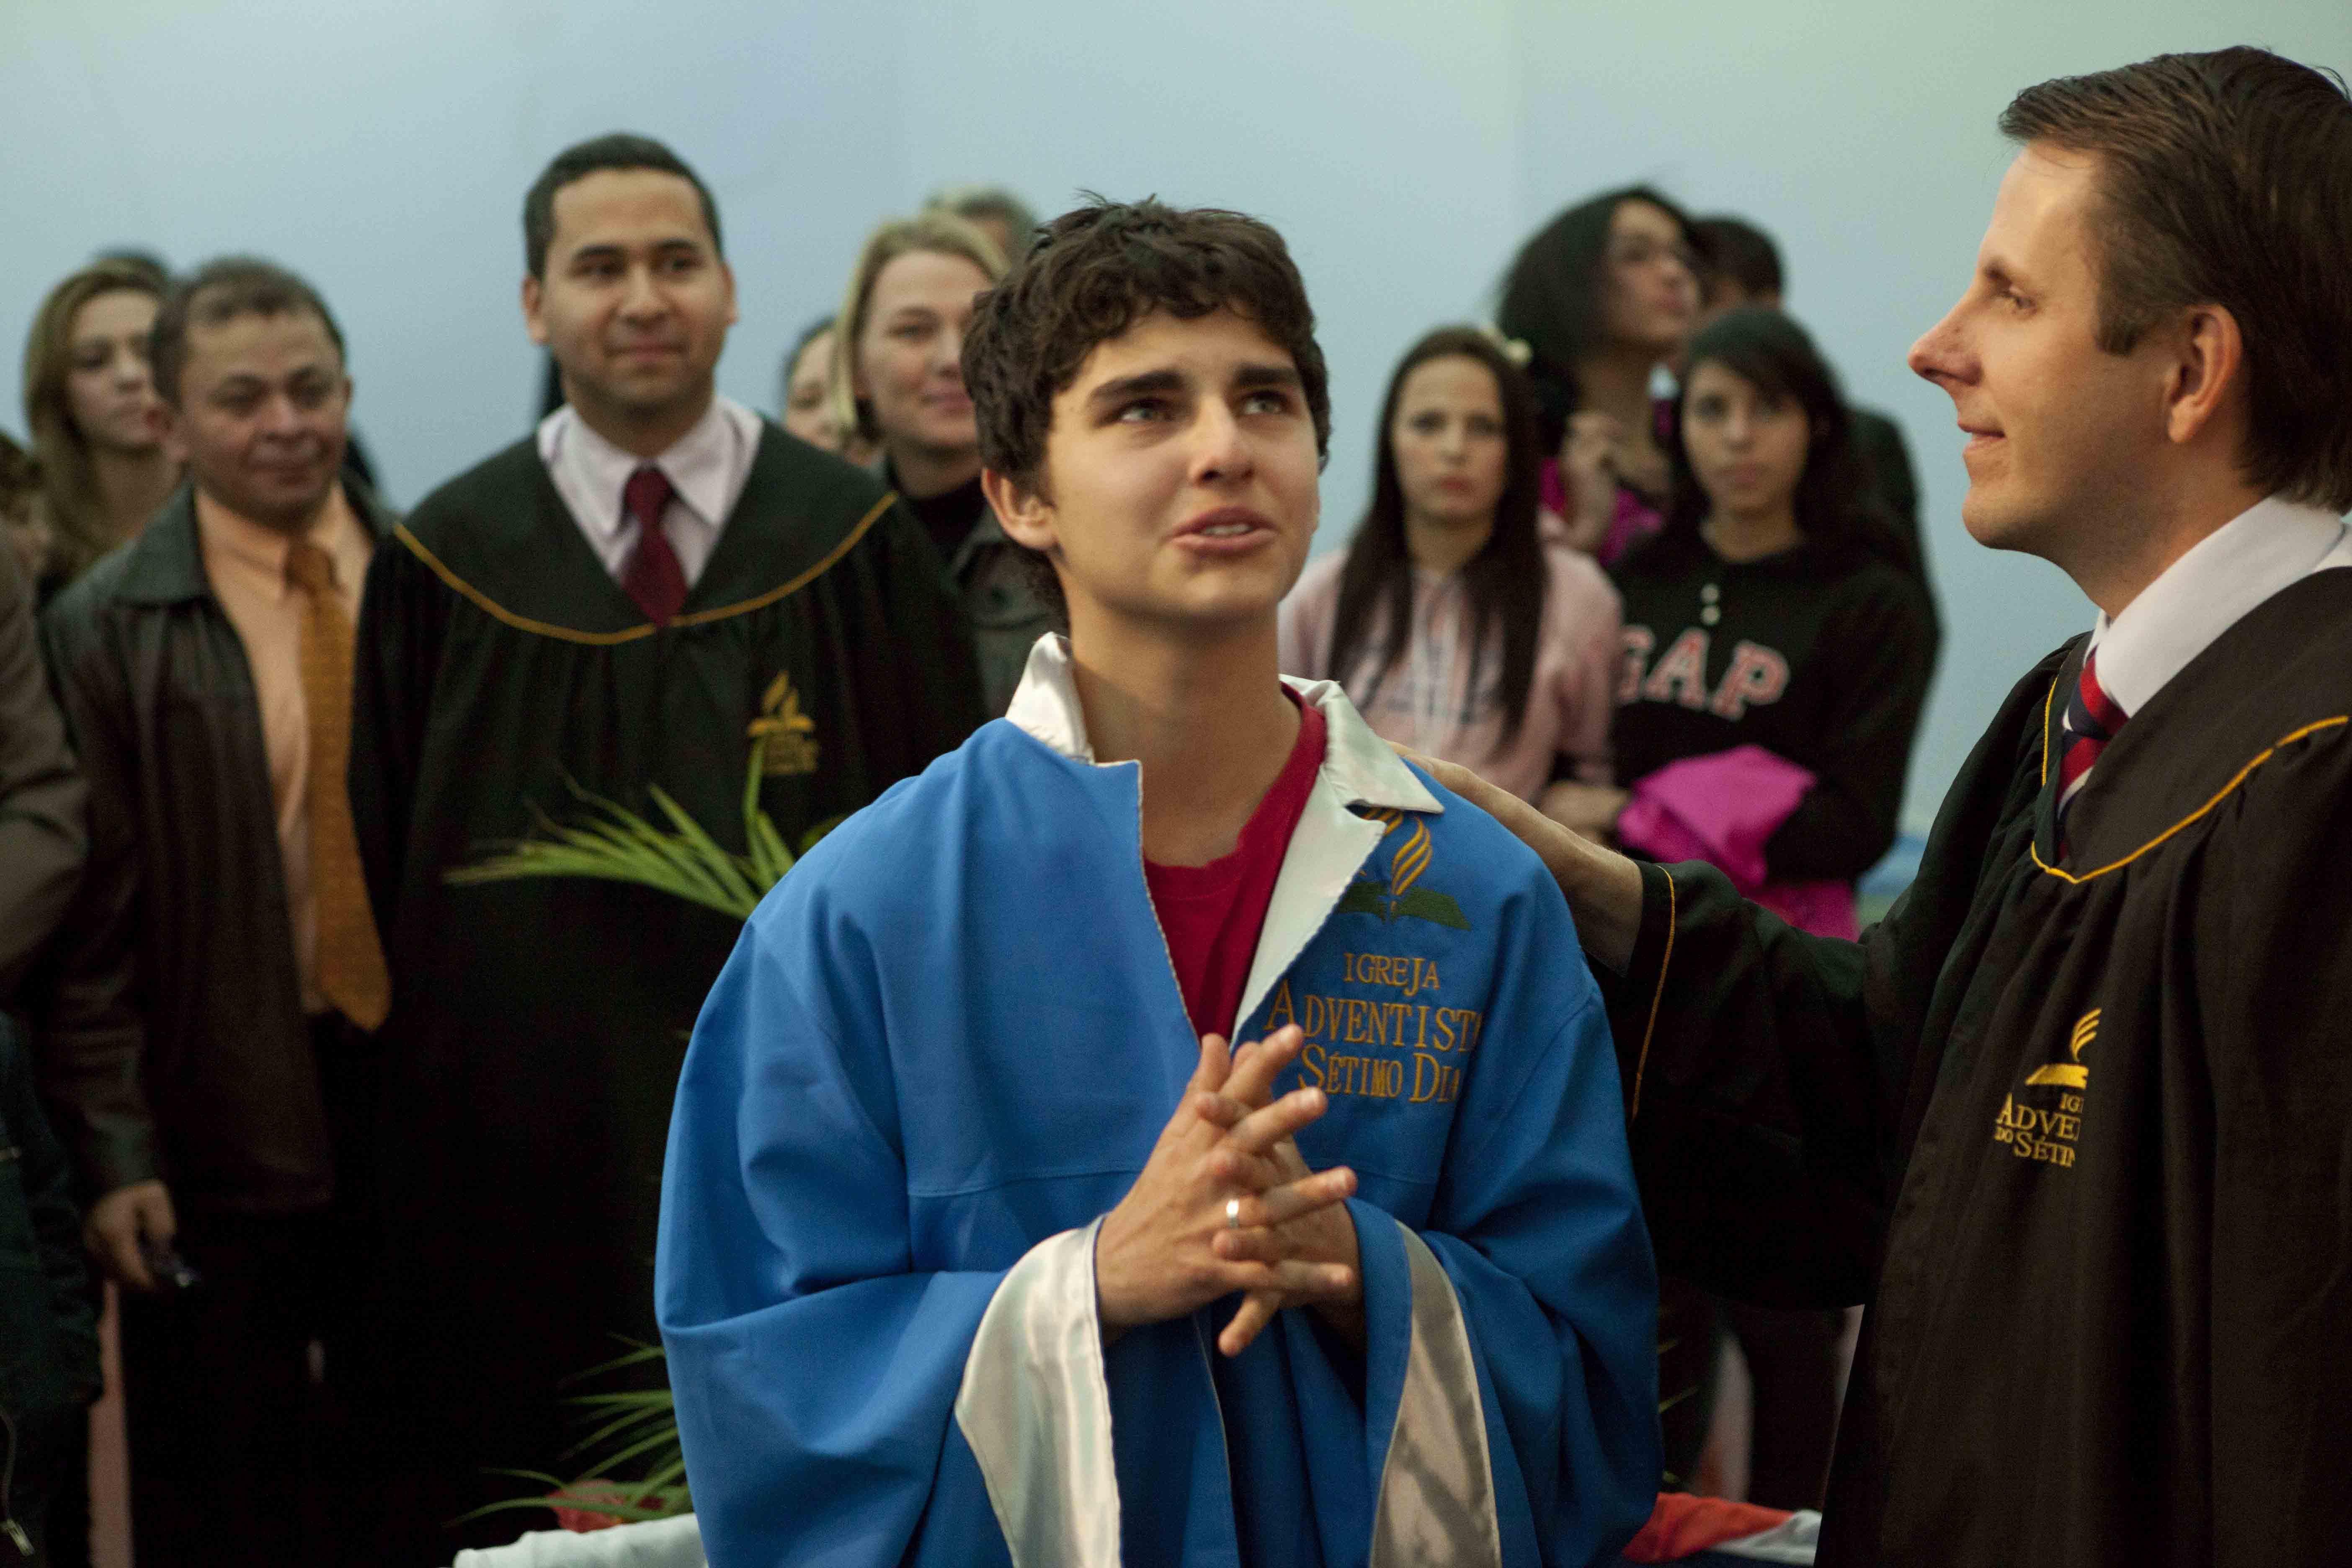 Evangelismo e voluntariado durante as férias levam jovens ao batismo no Paraná.